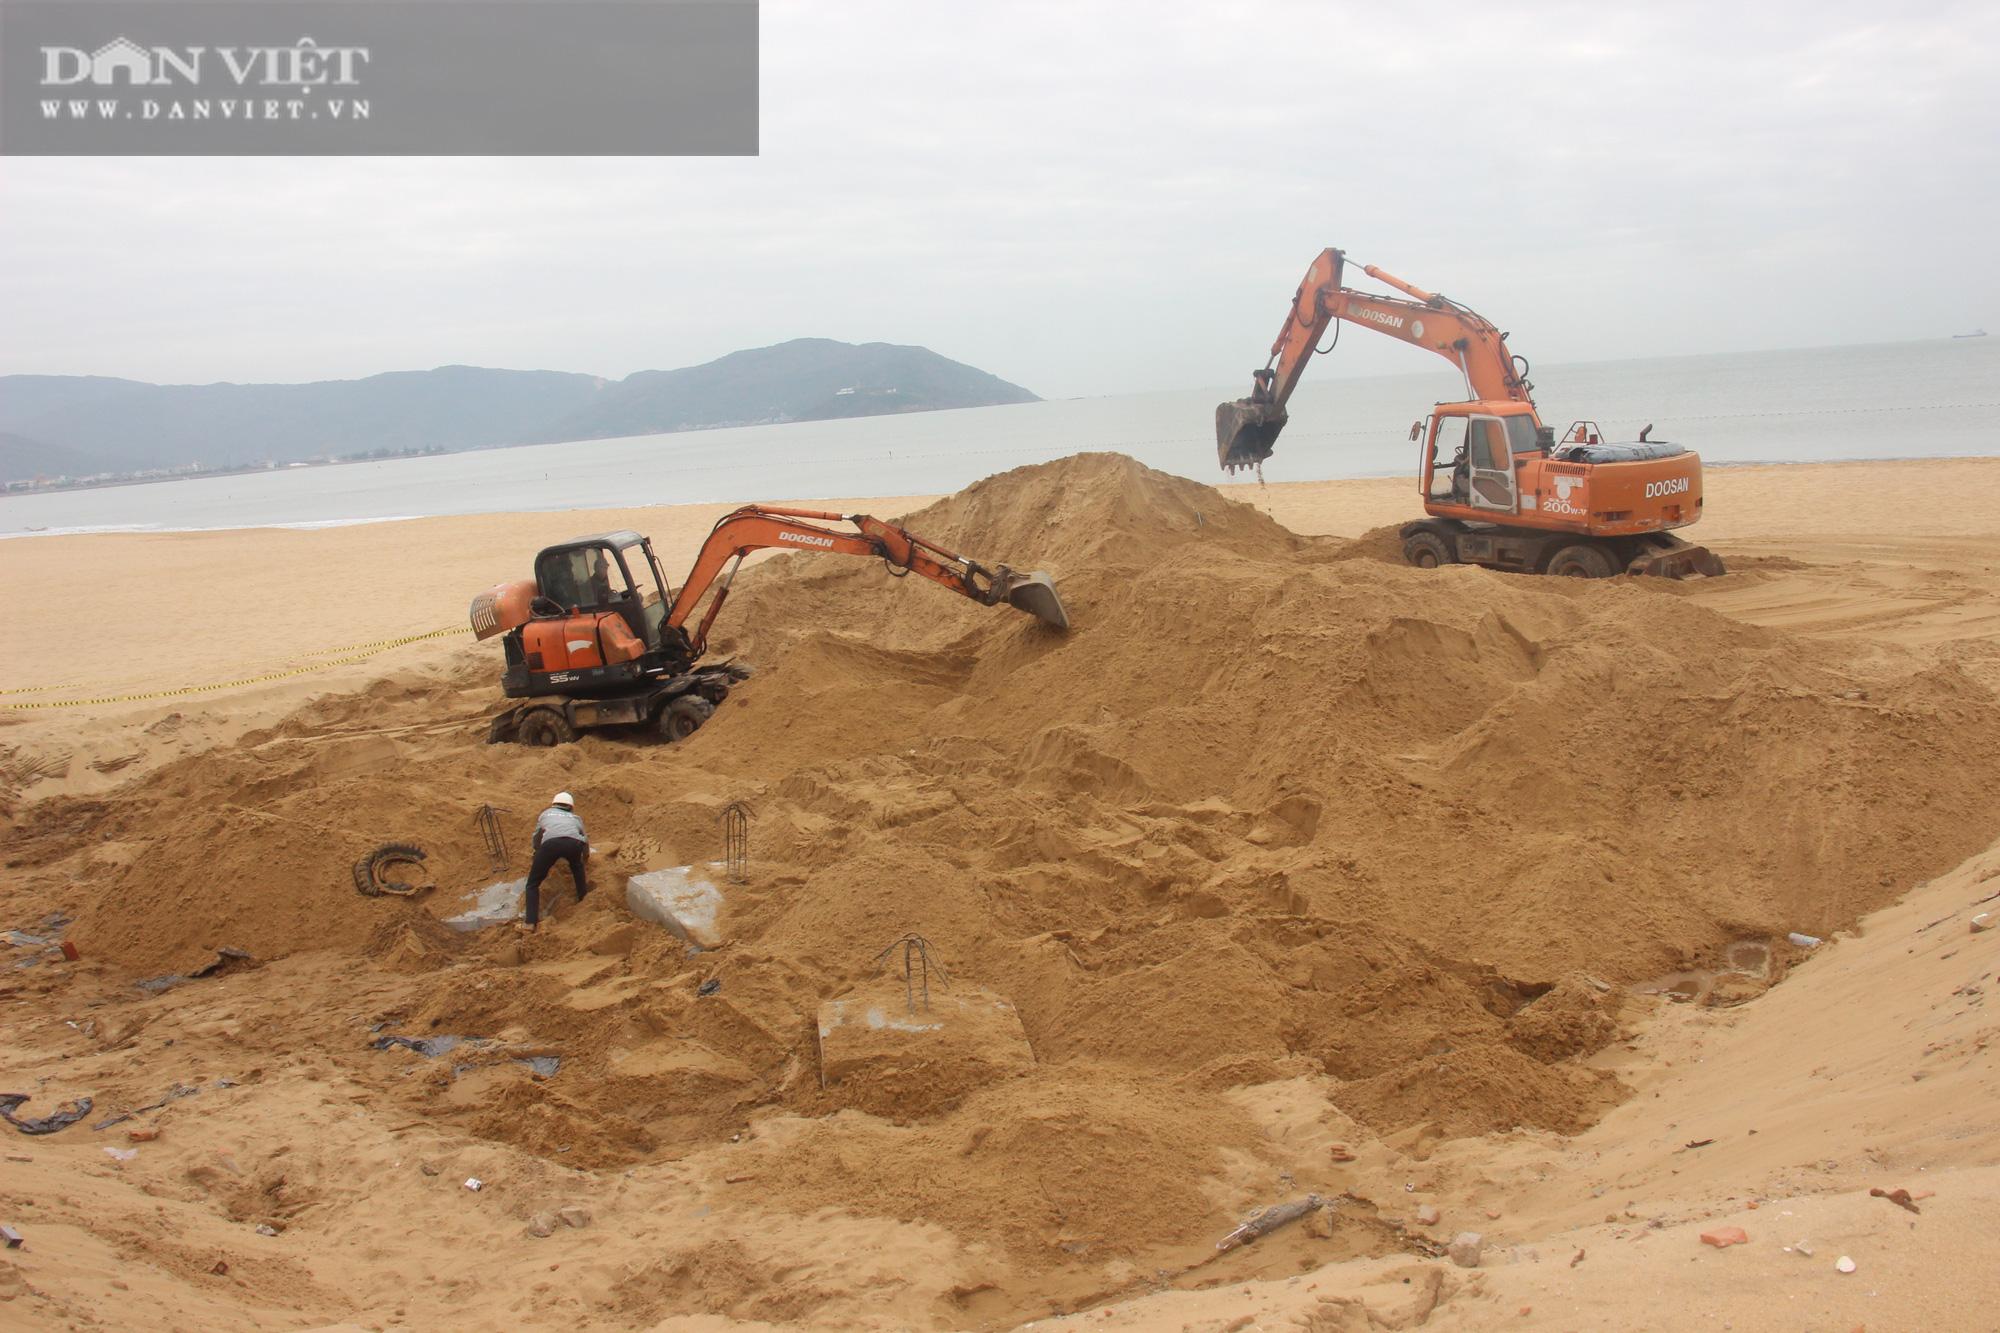 Cận cảnh cẩu 65 móng trụ bê tông không phép rời khỏi bãi biển Quy Nhơn - Ảnh 7.